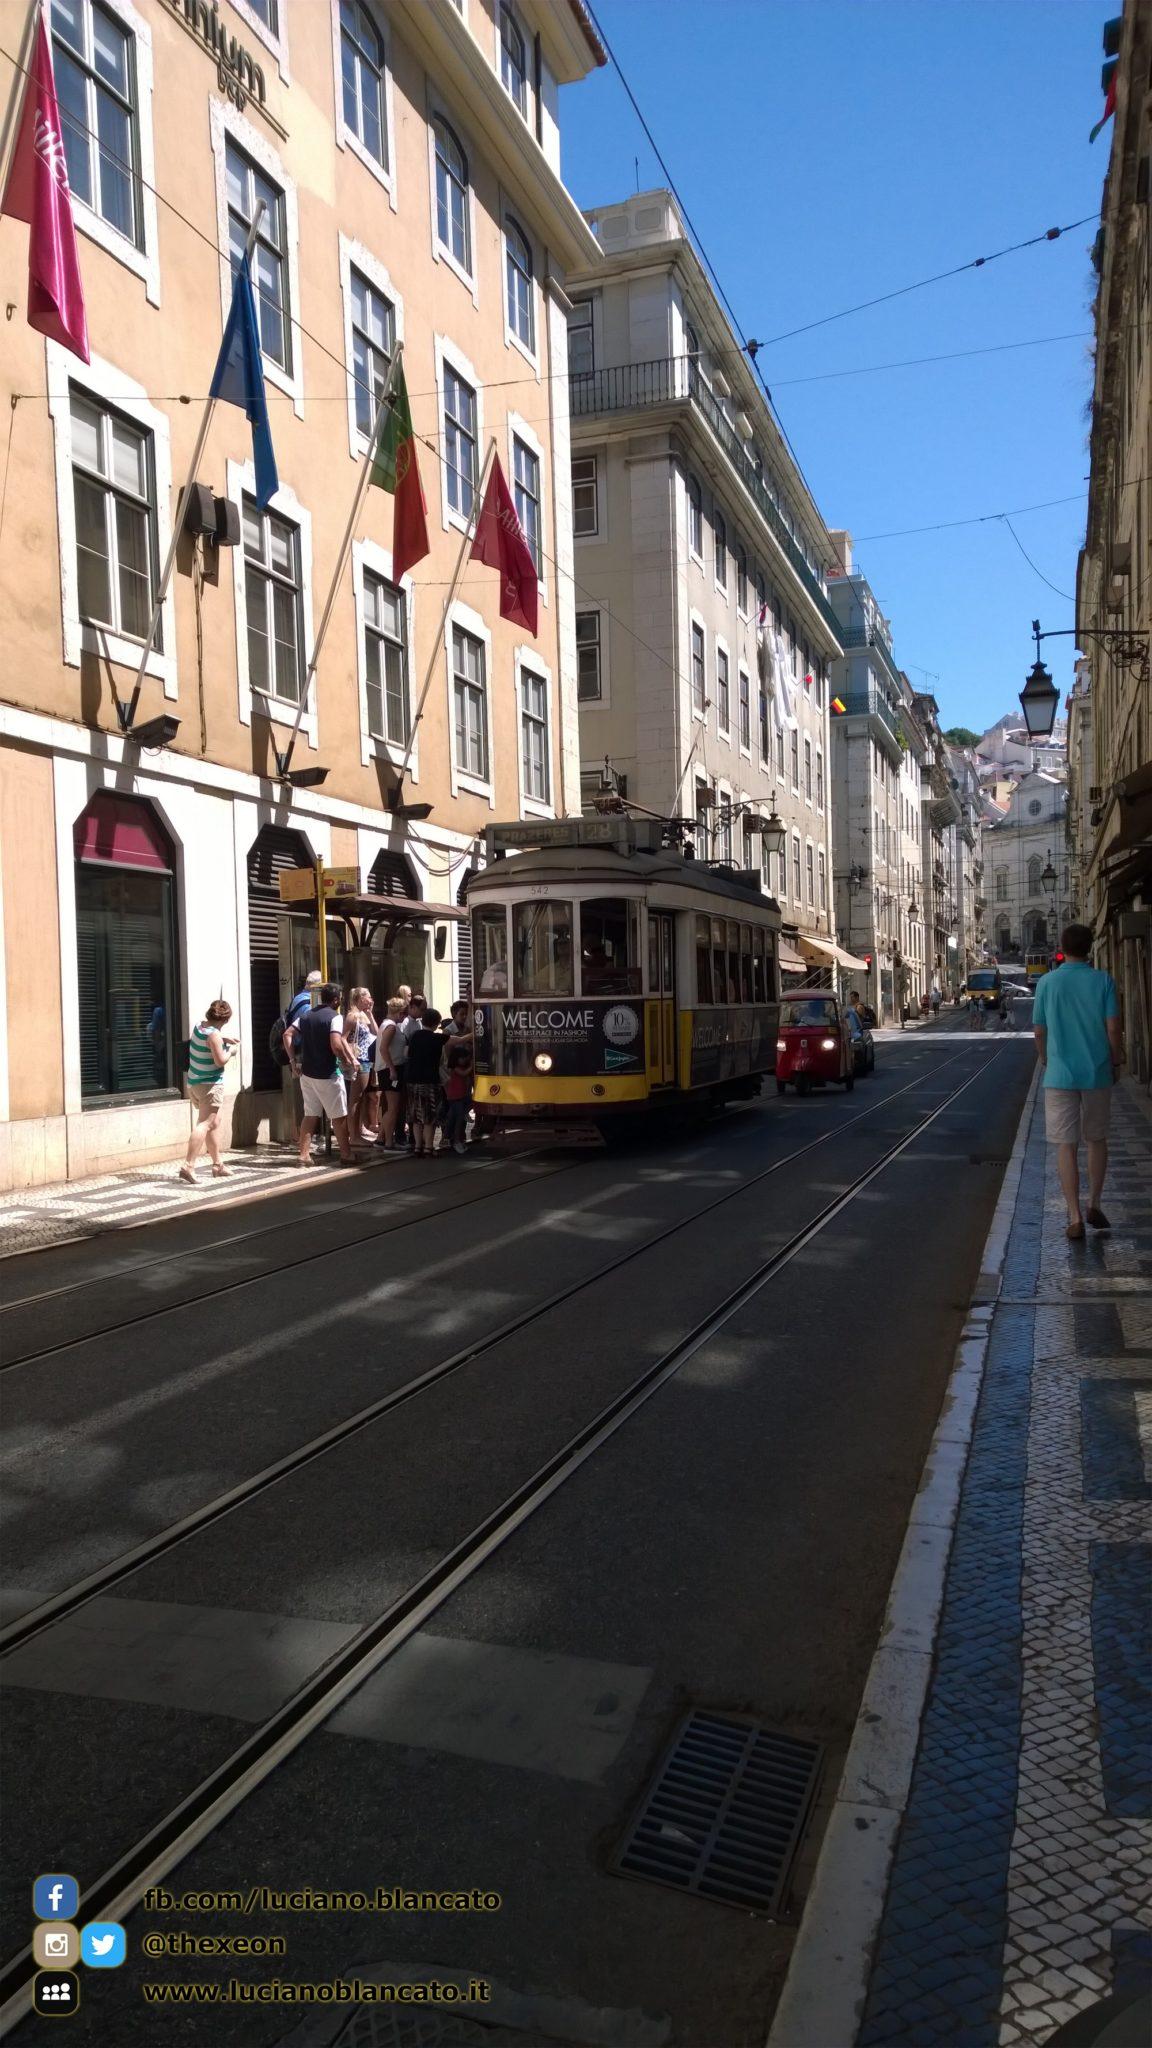 Lisbona - 2014 - Foto n. 0039